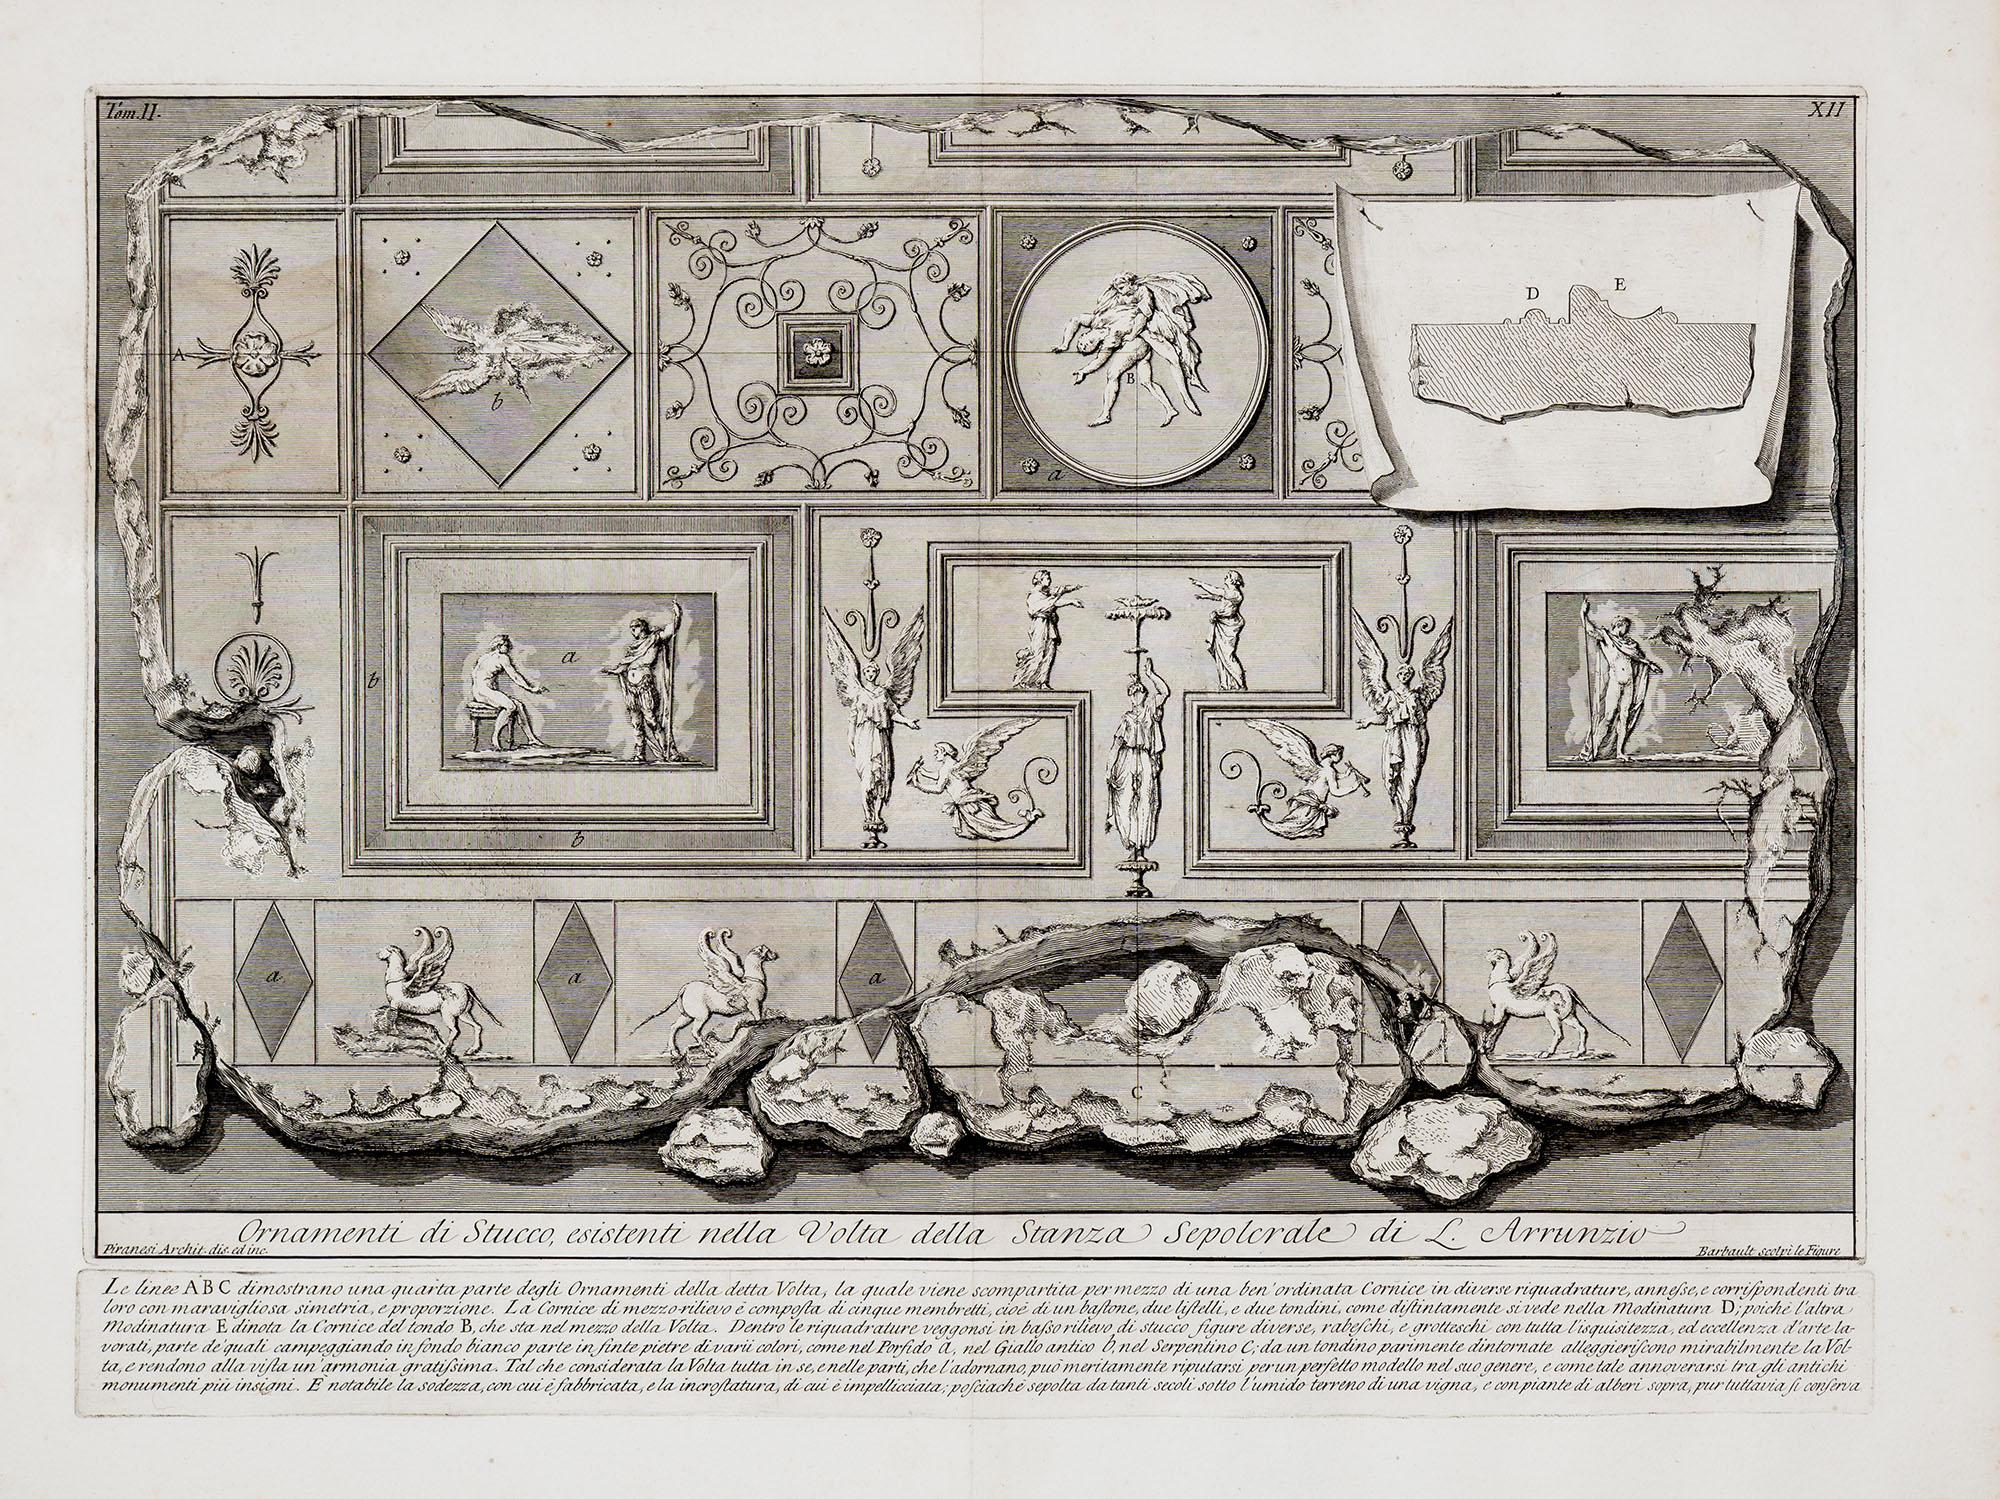 35. Ornamenti di stucco esistenti nella Volta della Stanza Sepolcrale di L. Arrunzio